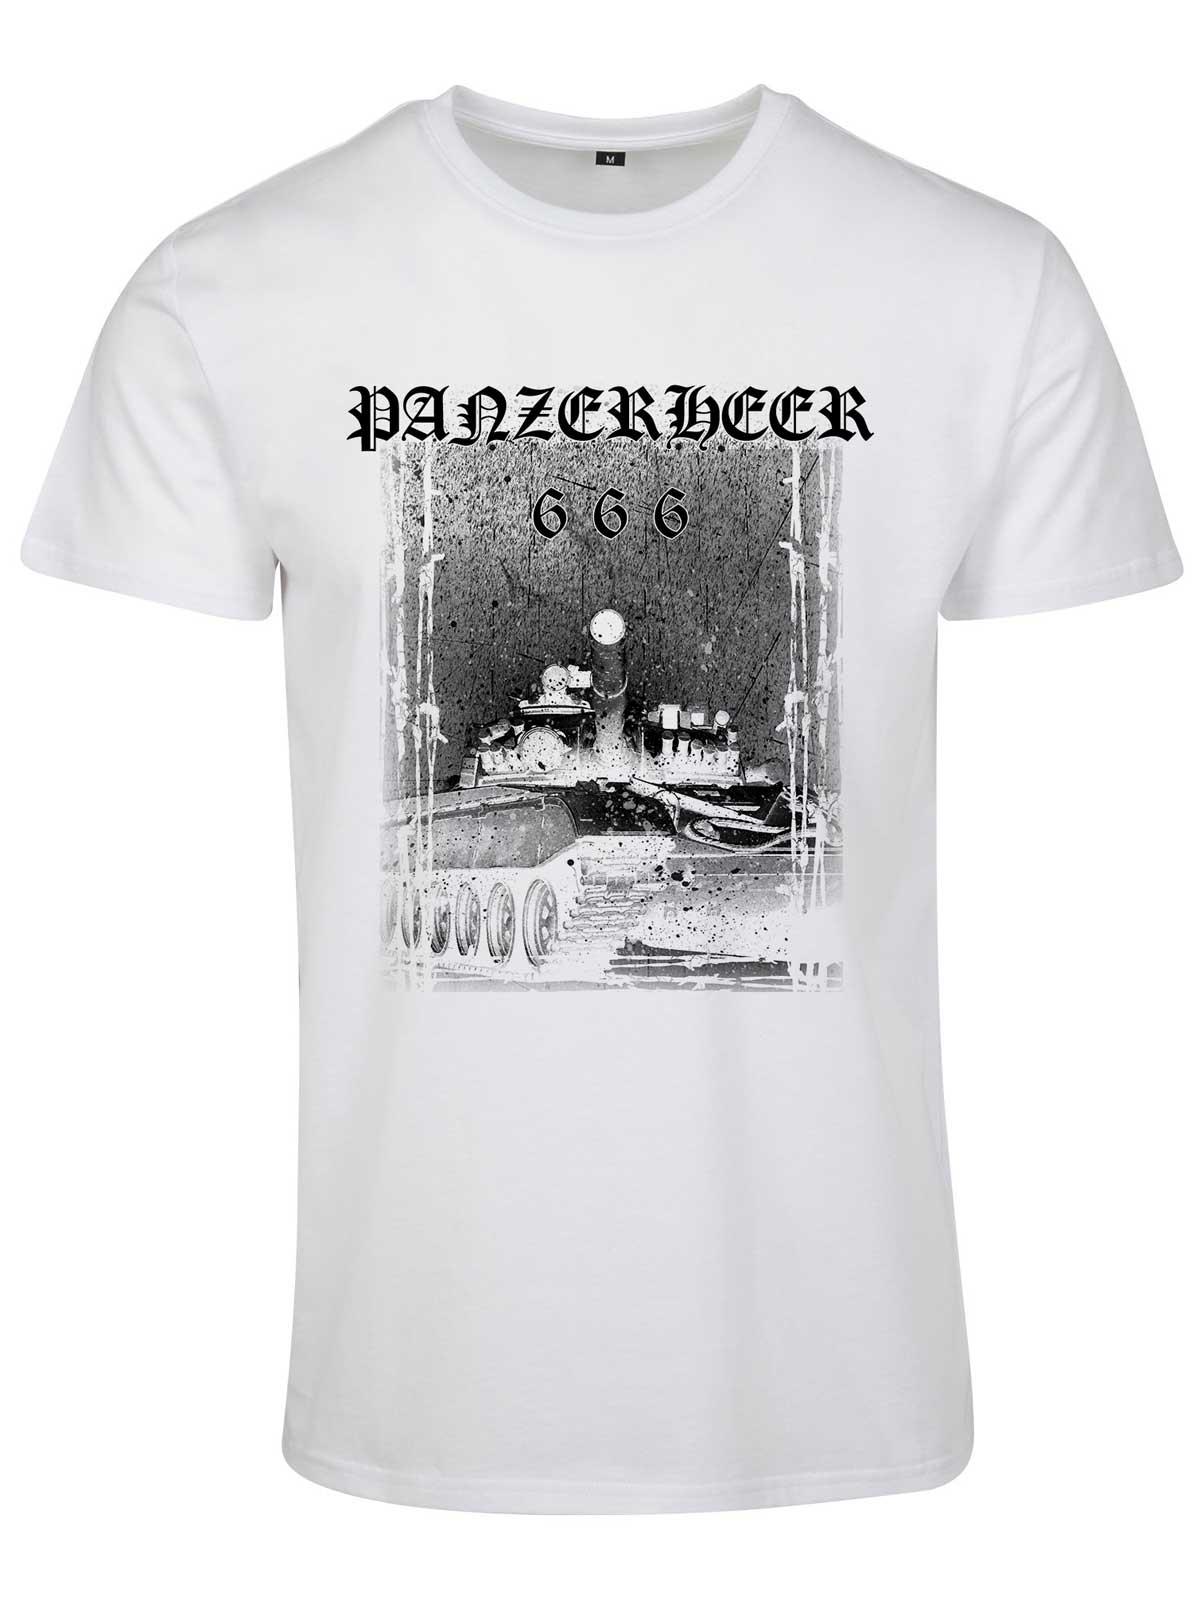 Panzerheer White Basic T-Shirt